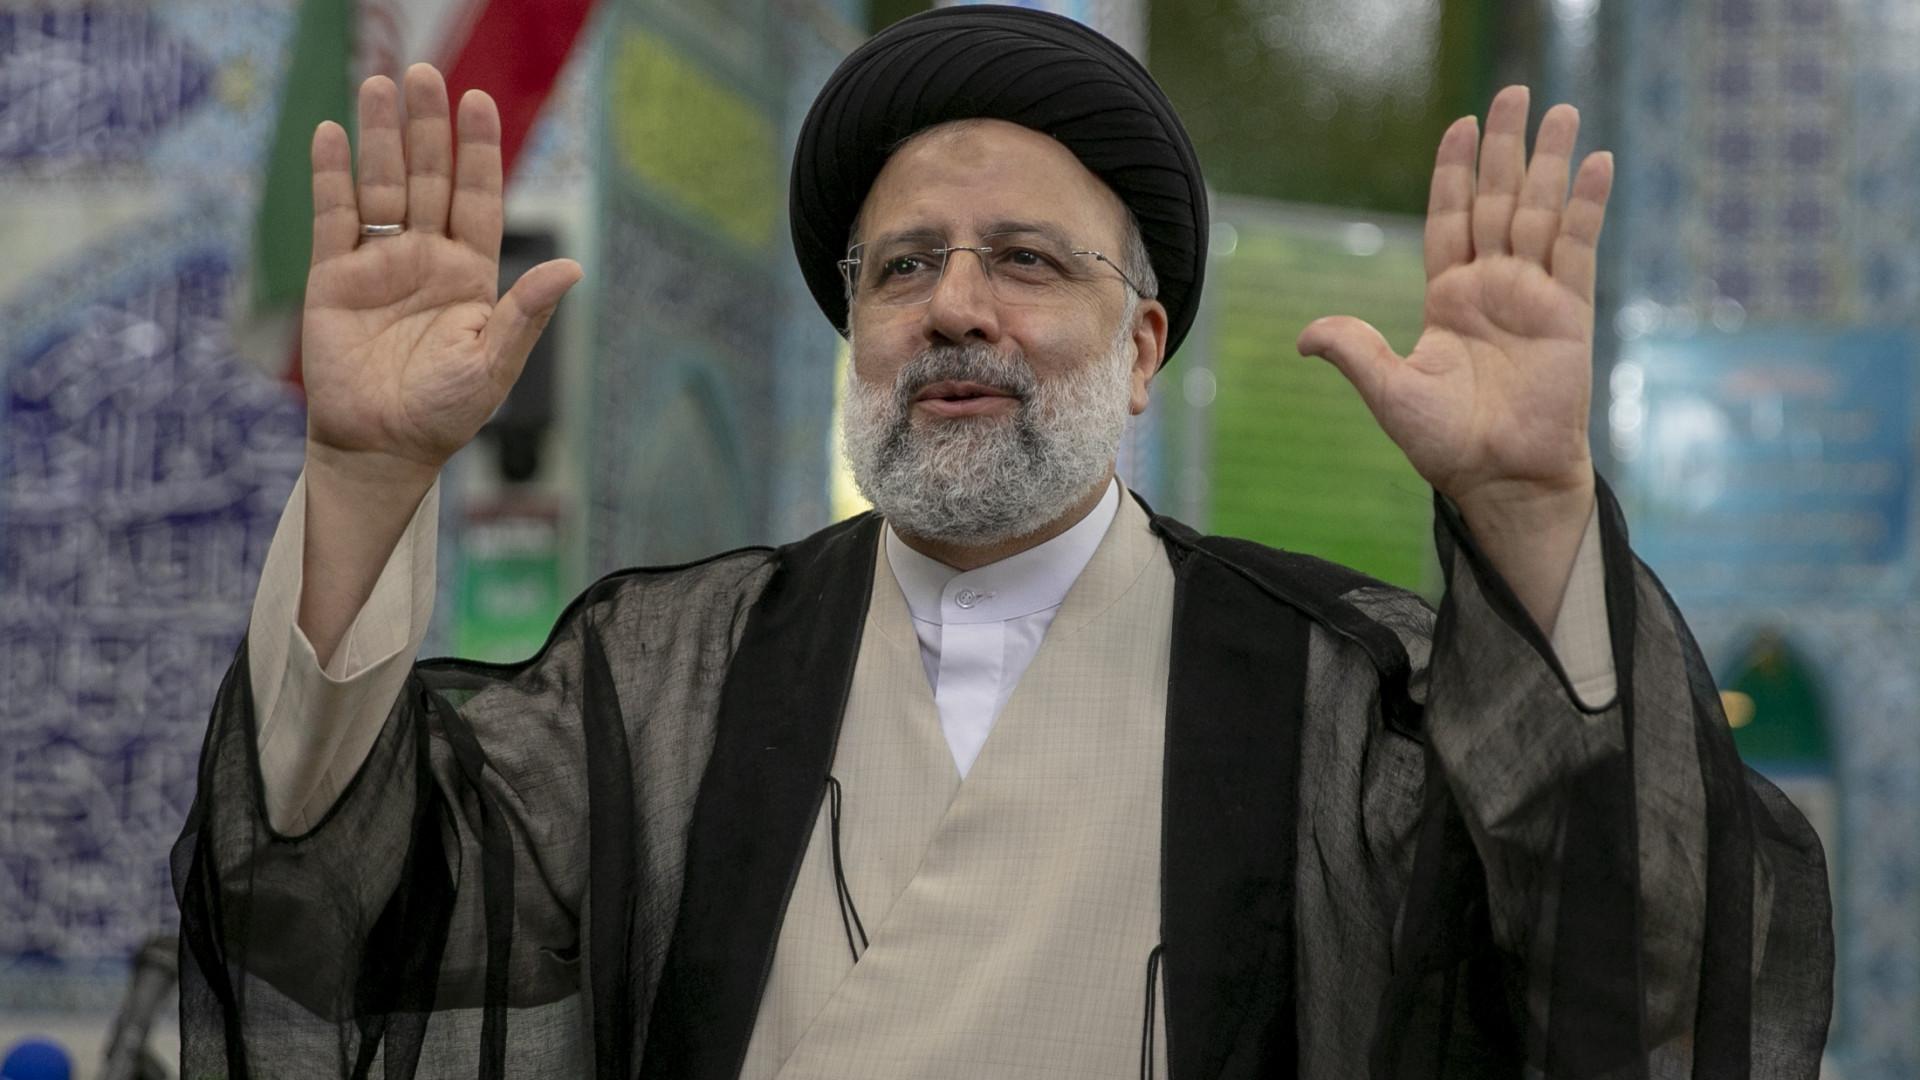 Úgy néz ki, keményvonalas új vezetőt választott Irán